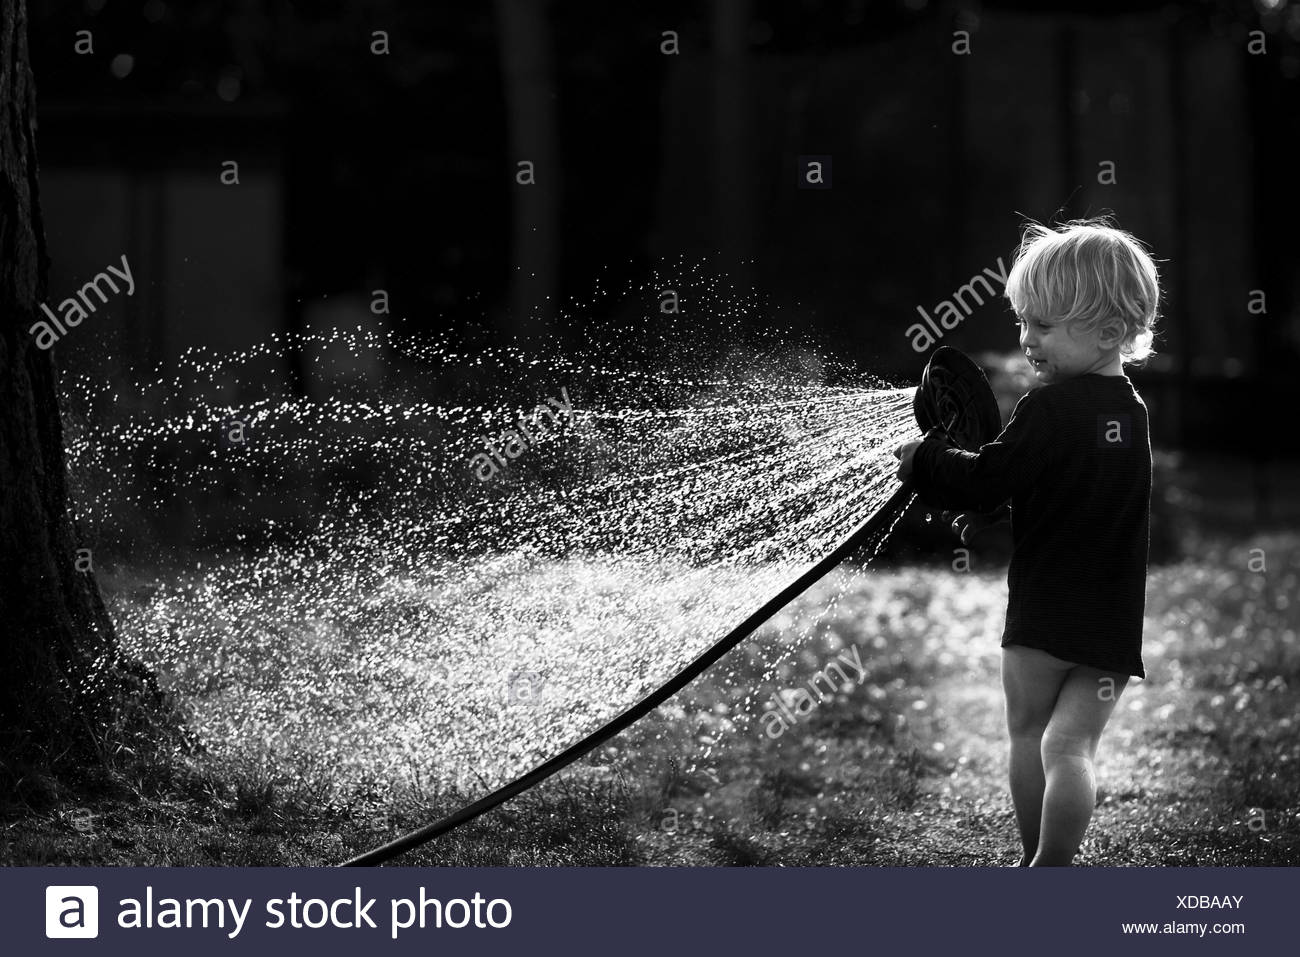 Kleiner Junge spielt mit einem Wasserschlauch im Garten, mit Hintergrundbeleuchtung, Berlin, Berlin, Deutschland Stockbild